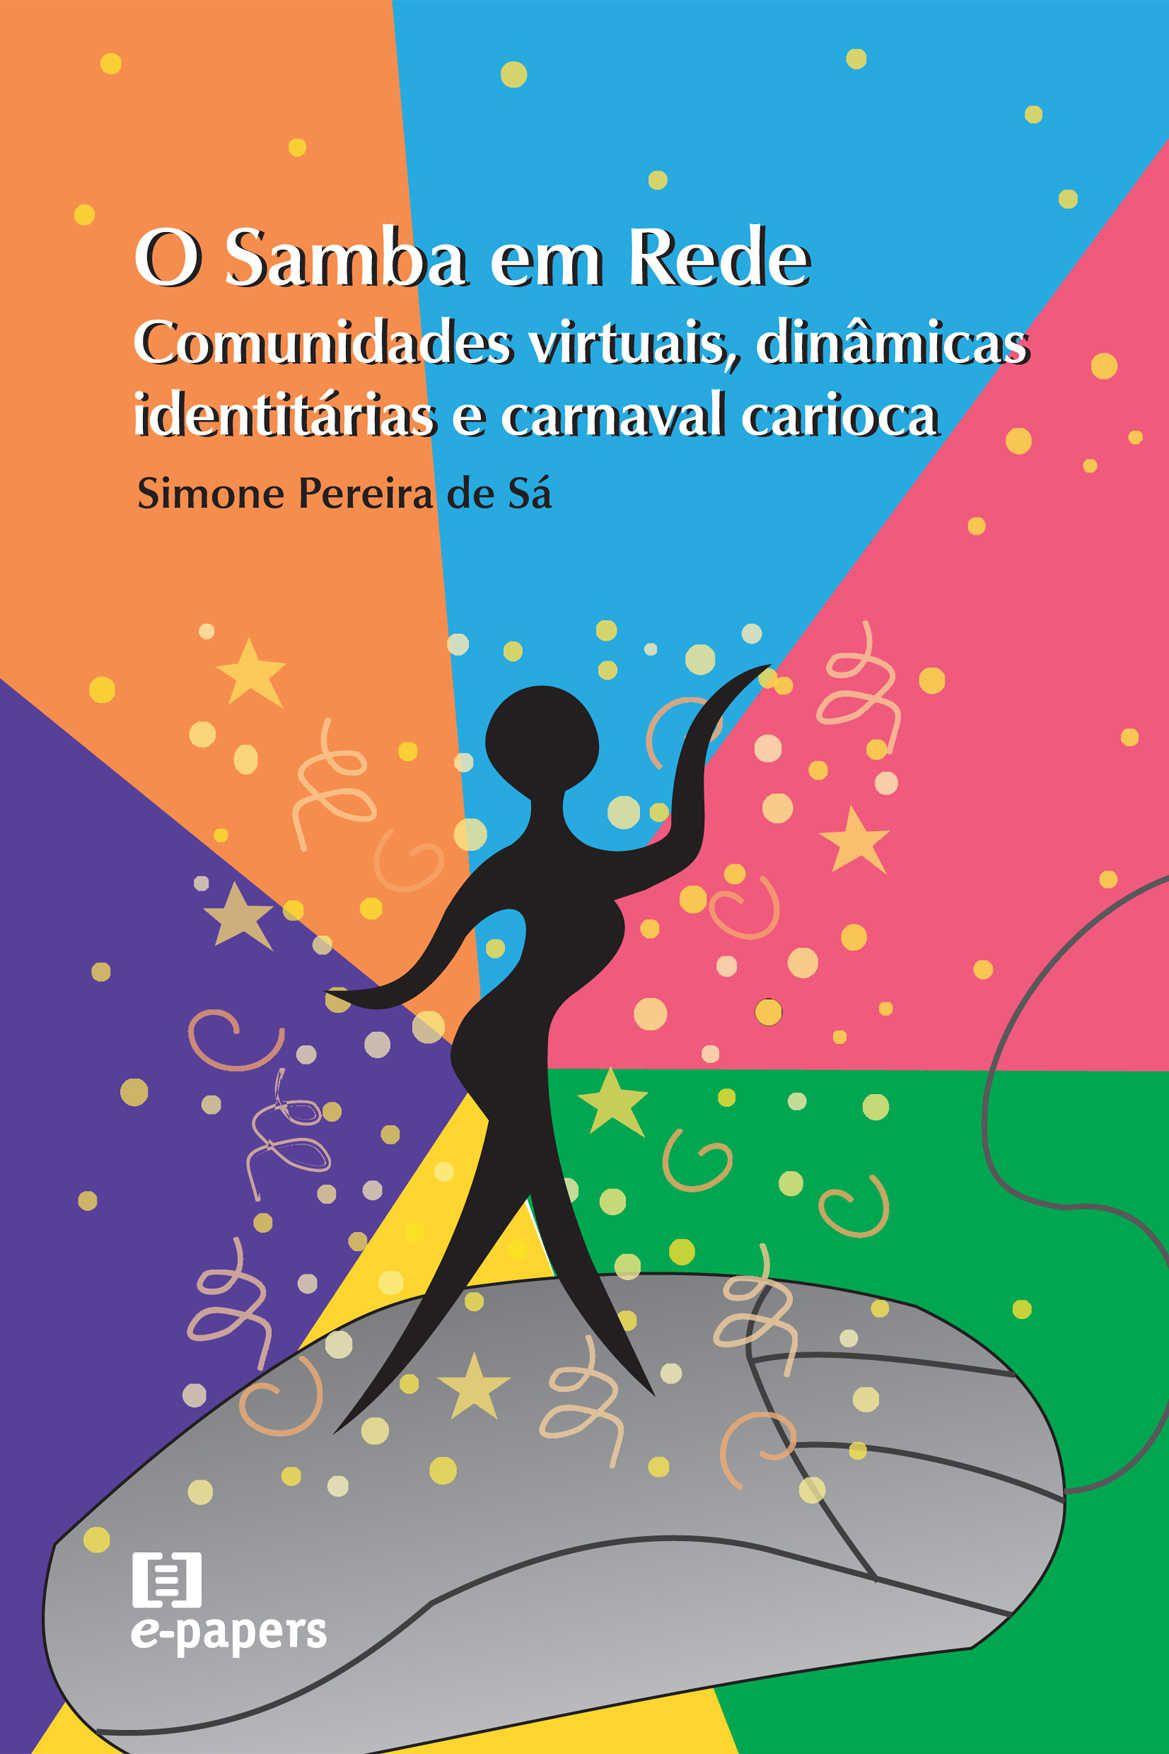 O Samba em Rede: Comunidades virtuais, dinâmicas identitárias e carnaval carioca